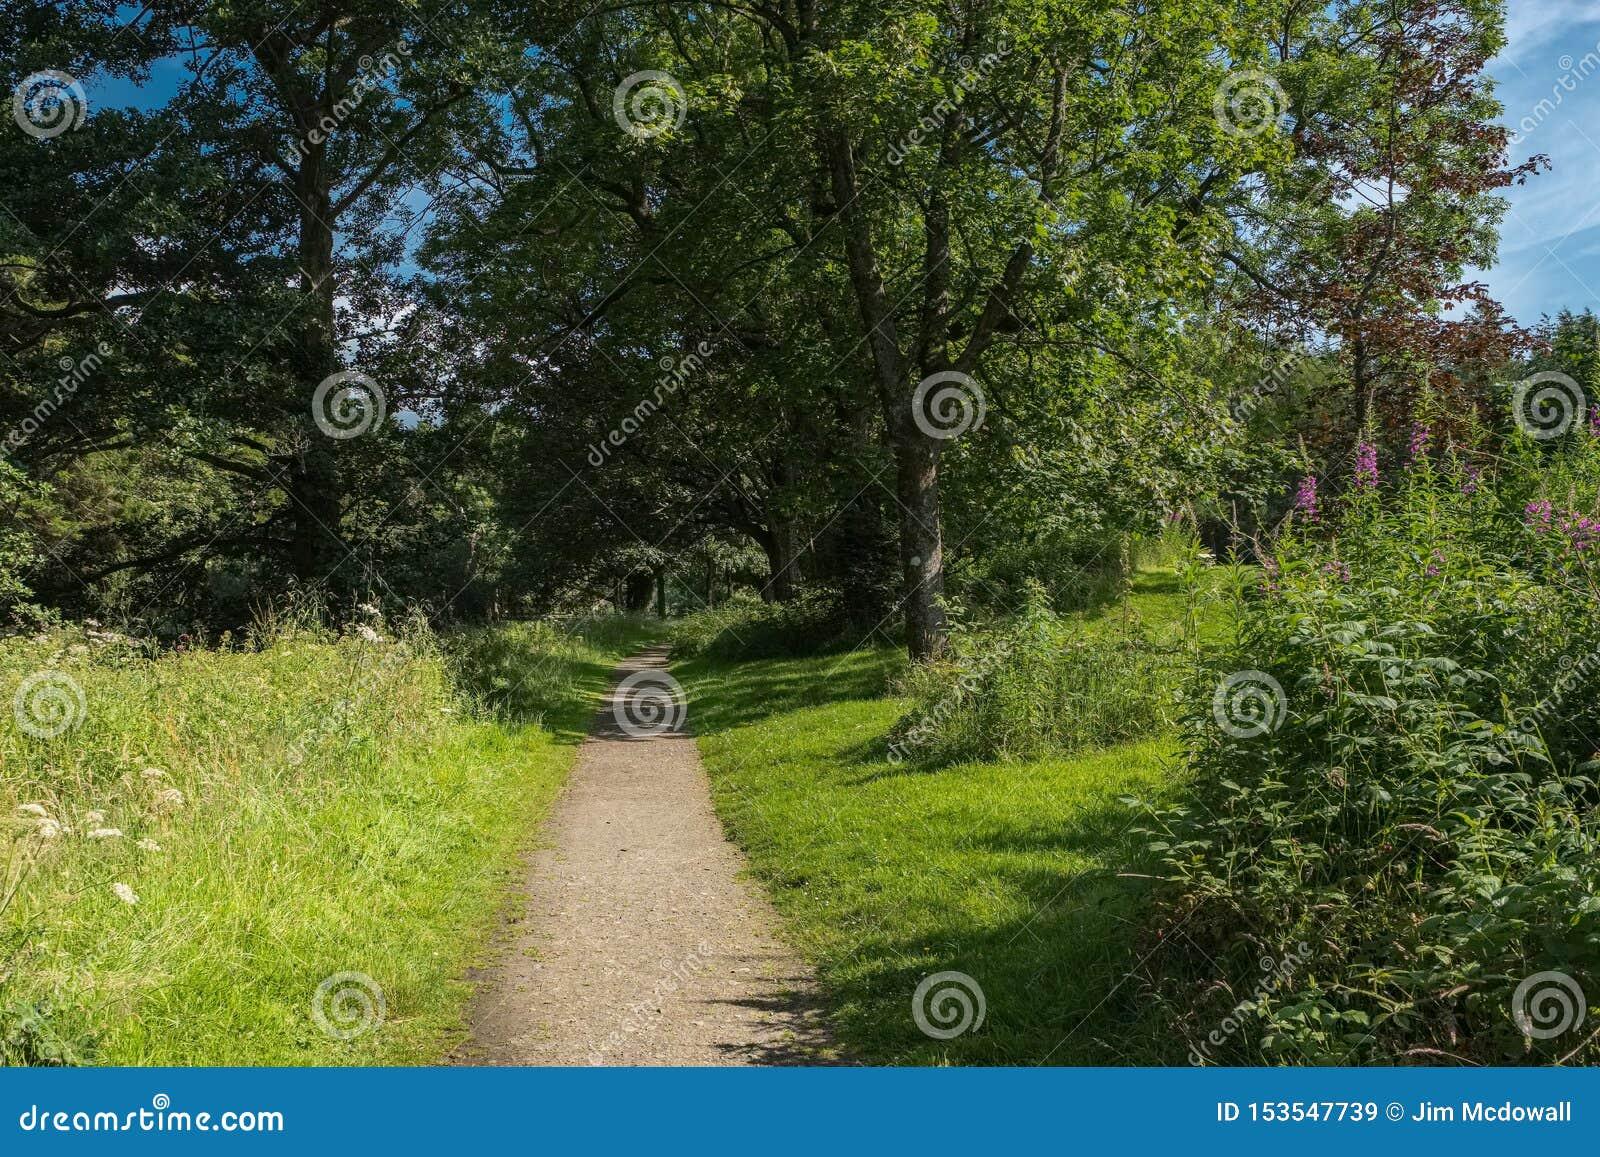 Ωριμάστε τα σκωτσέζικα δέντρα το καλοκαίρι και ένα μονοπάτι που τρέχει μέσω του κέντρου της εικόνας